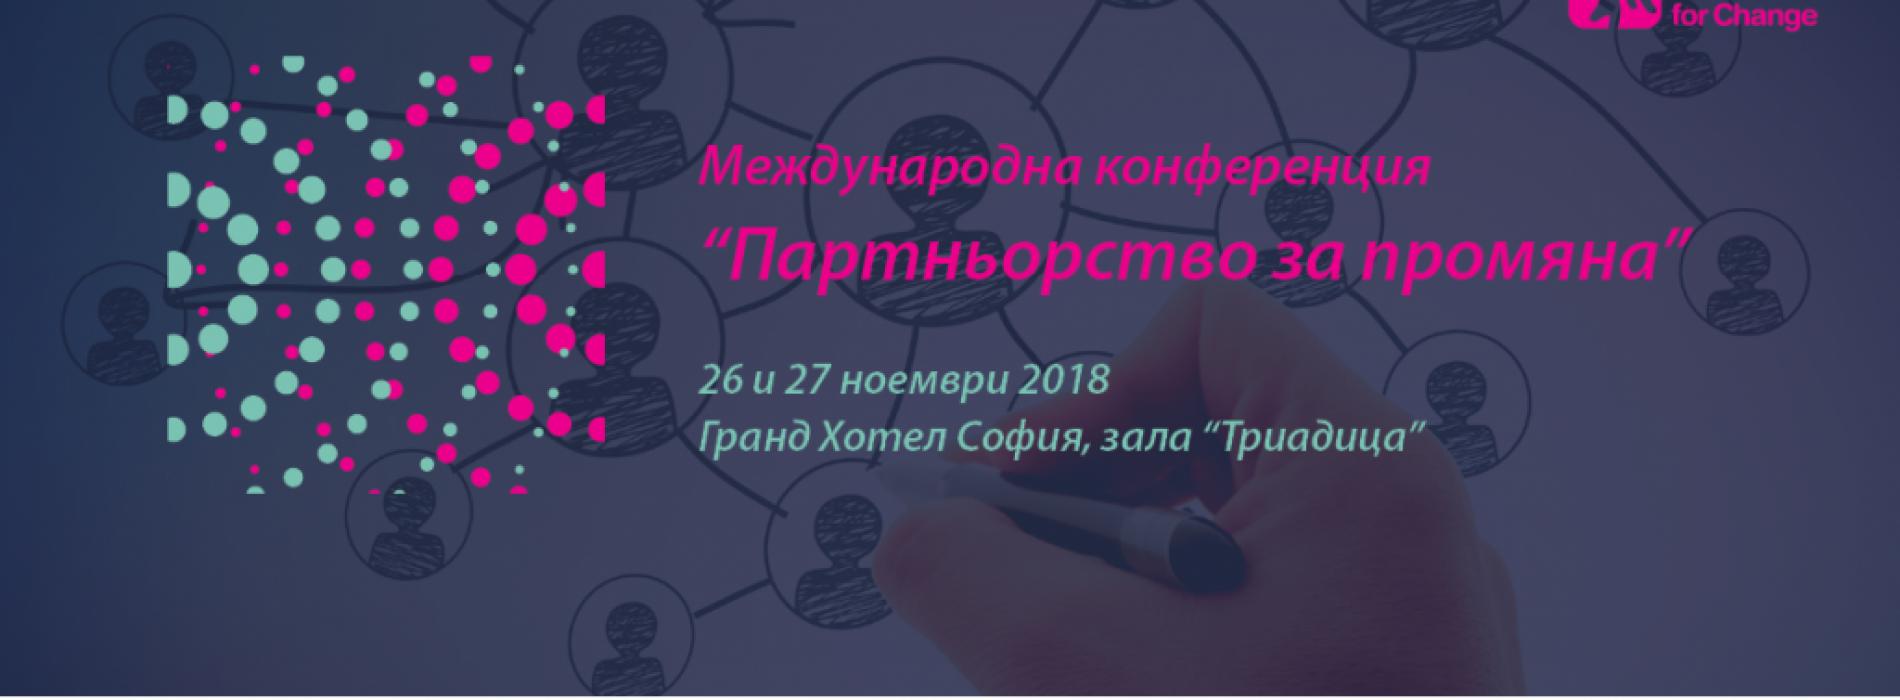 """Международна конференция за социални иновации """"Партньорство за промяна"""" – Едно от най-мащабните събития за социални иновации ще се проведе в София през ноември"""